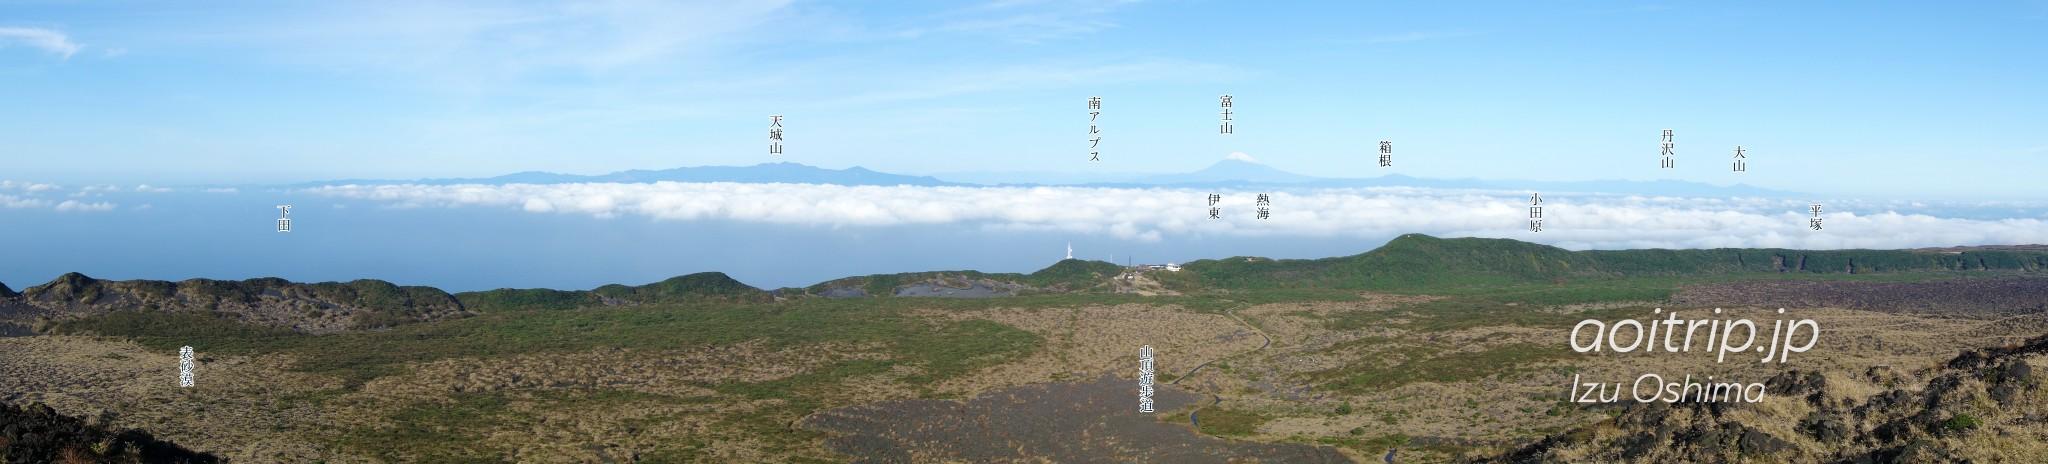 伊豆大島 三原山からのパノラマ写真